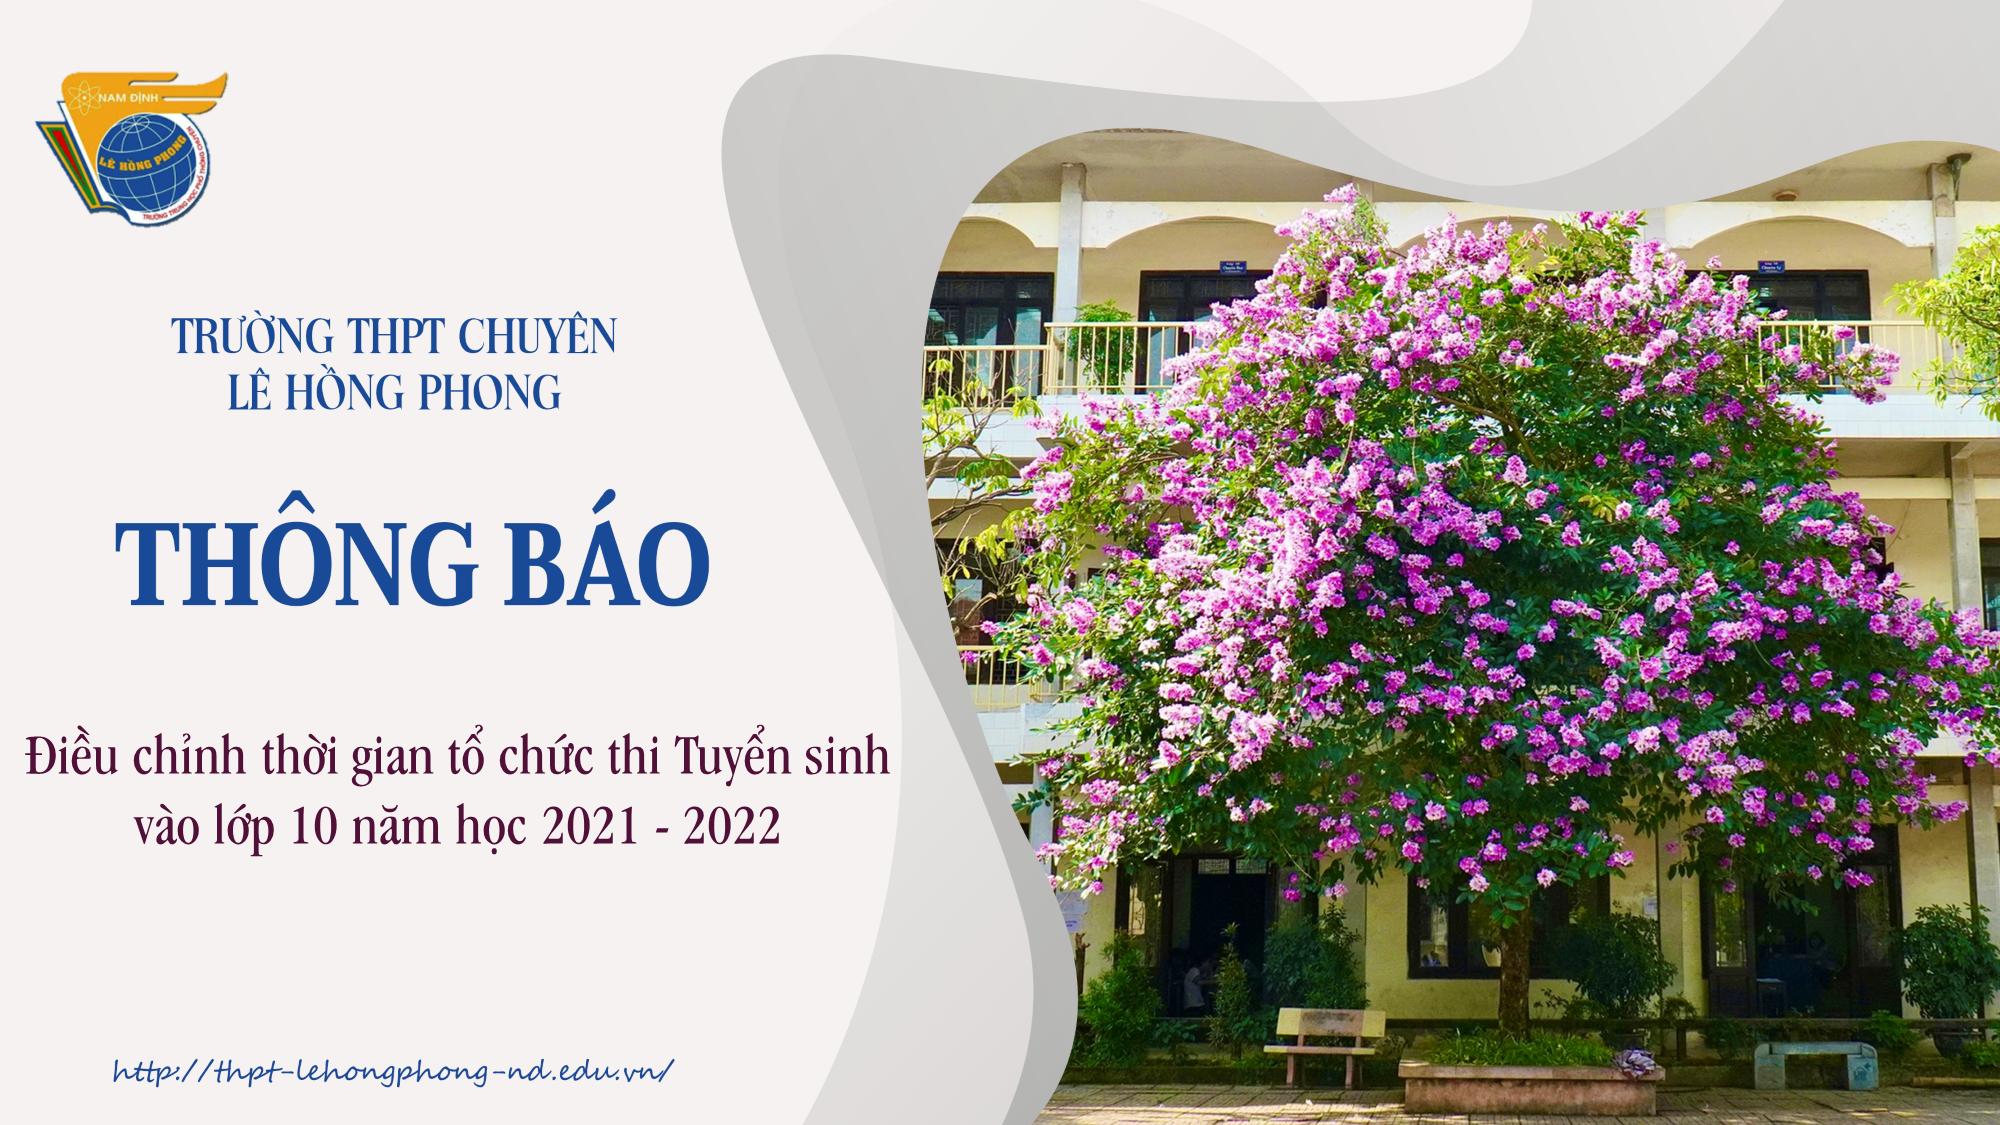 Điều chỉnh thời gian tổ chức thi Tuyển sinh vào lớp 10 trường THPT chuyên Lê Hồng Phong năm học 2021 - 2022